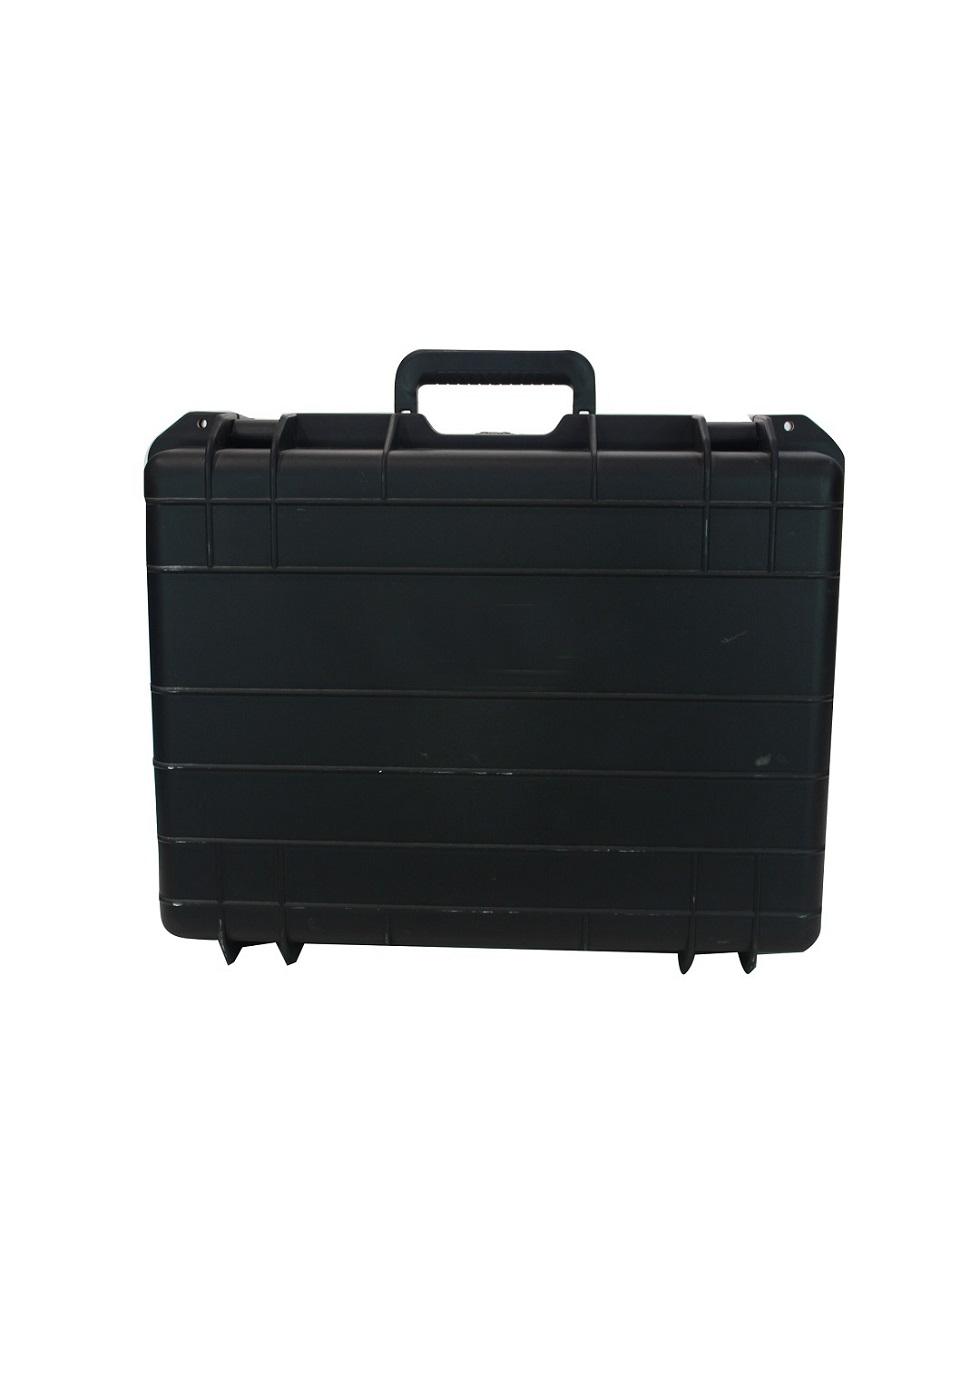 泉州警用裝備包裝箱-哪里能買到價位合理的警用裝備包裝箱